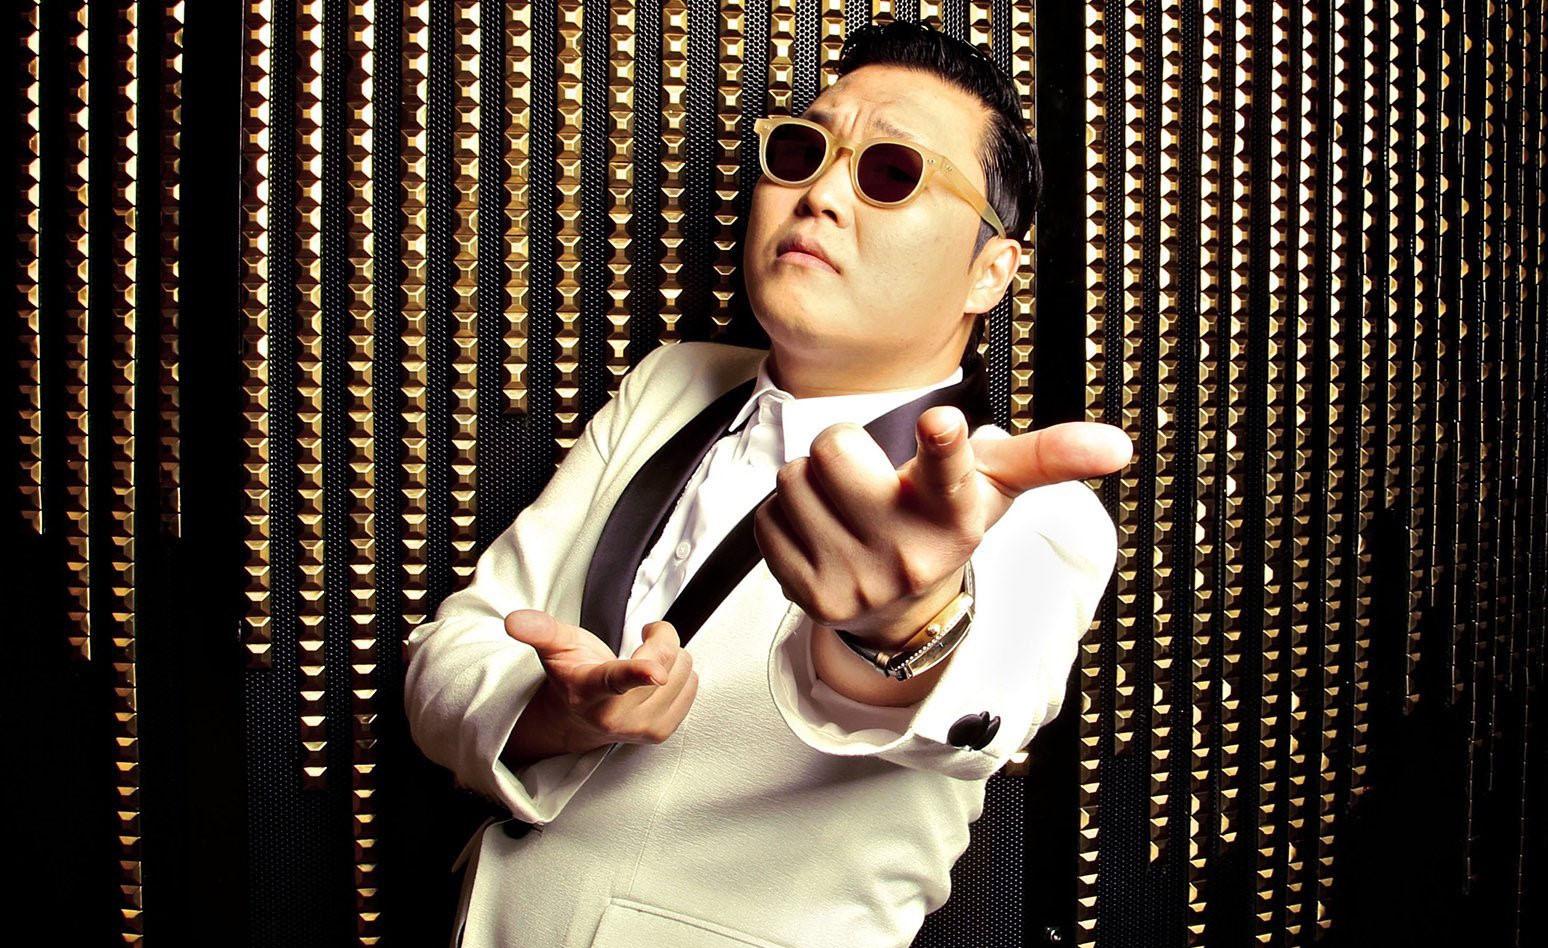 BTS và các nghệ sĩ Hàn có công đưa Kpop xâm nhập thị trường Mỹ